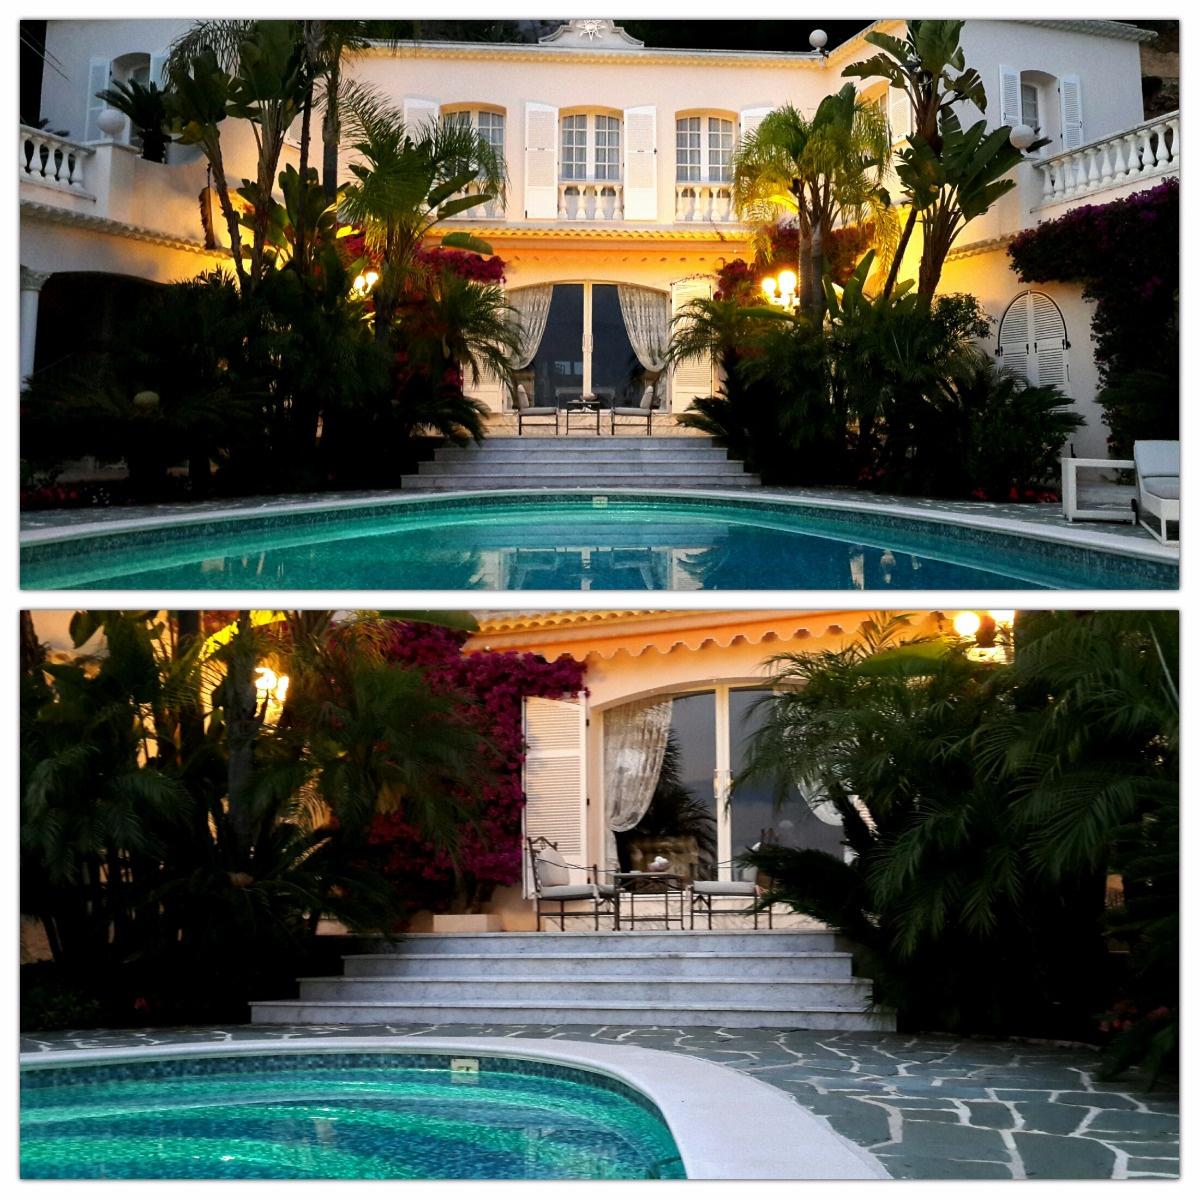 Location immobili re cap d 39 ail appartement et villa louer for Location immobiliere